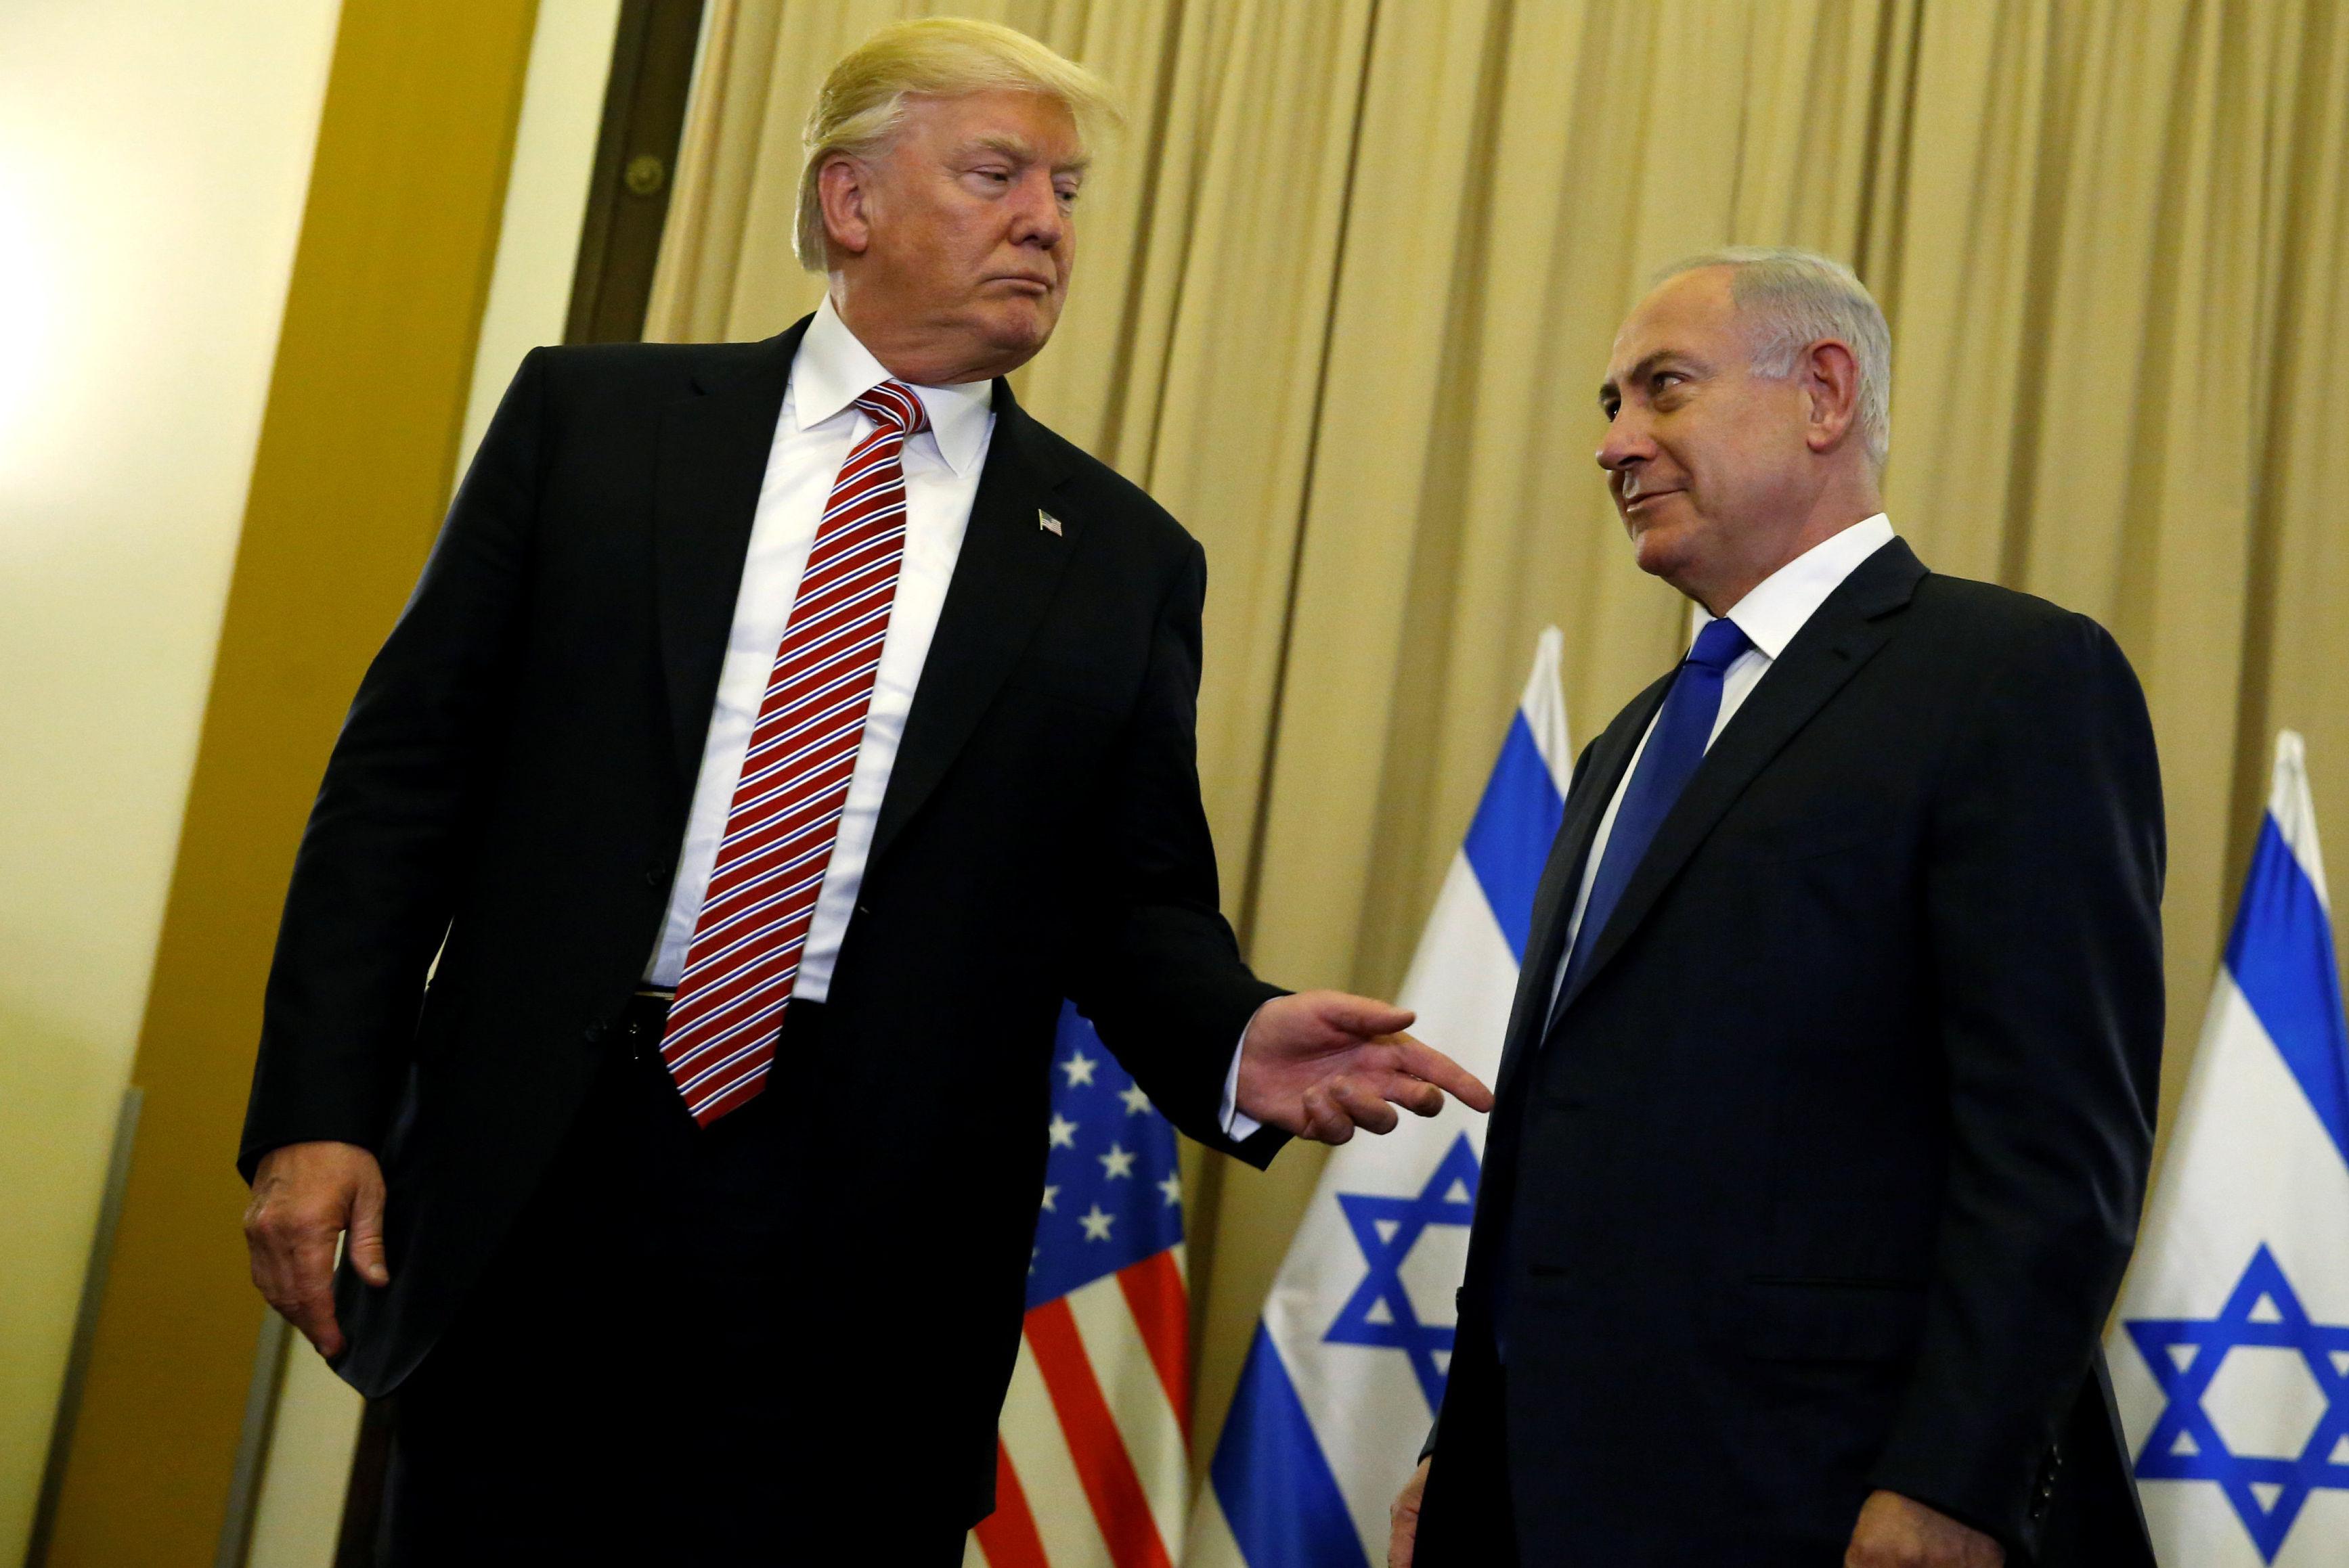 O presidente dos EUA, Donald Trump (E) e o primeiro-ministro de Israel, Benjamin Netanyahu, falando com repórteres antes de sua reunião no Hotel King David, em Jerusalém, em 22 de maio de 2017